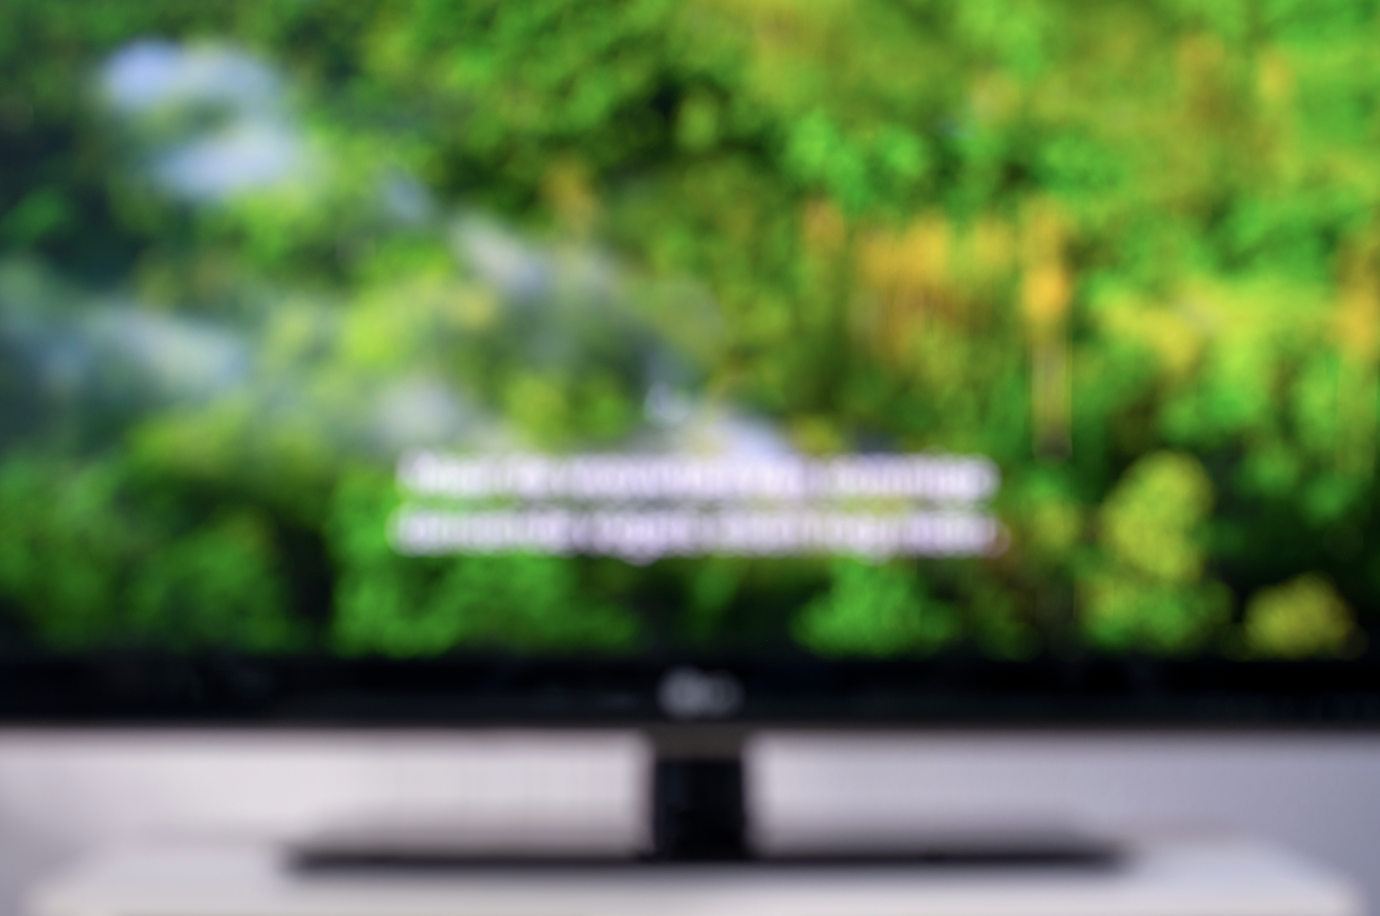 Unterschied zwischen HDready Fernsehern und FullHD Fernsehern